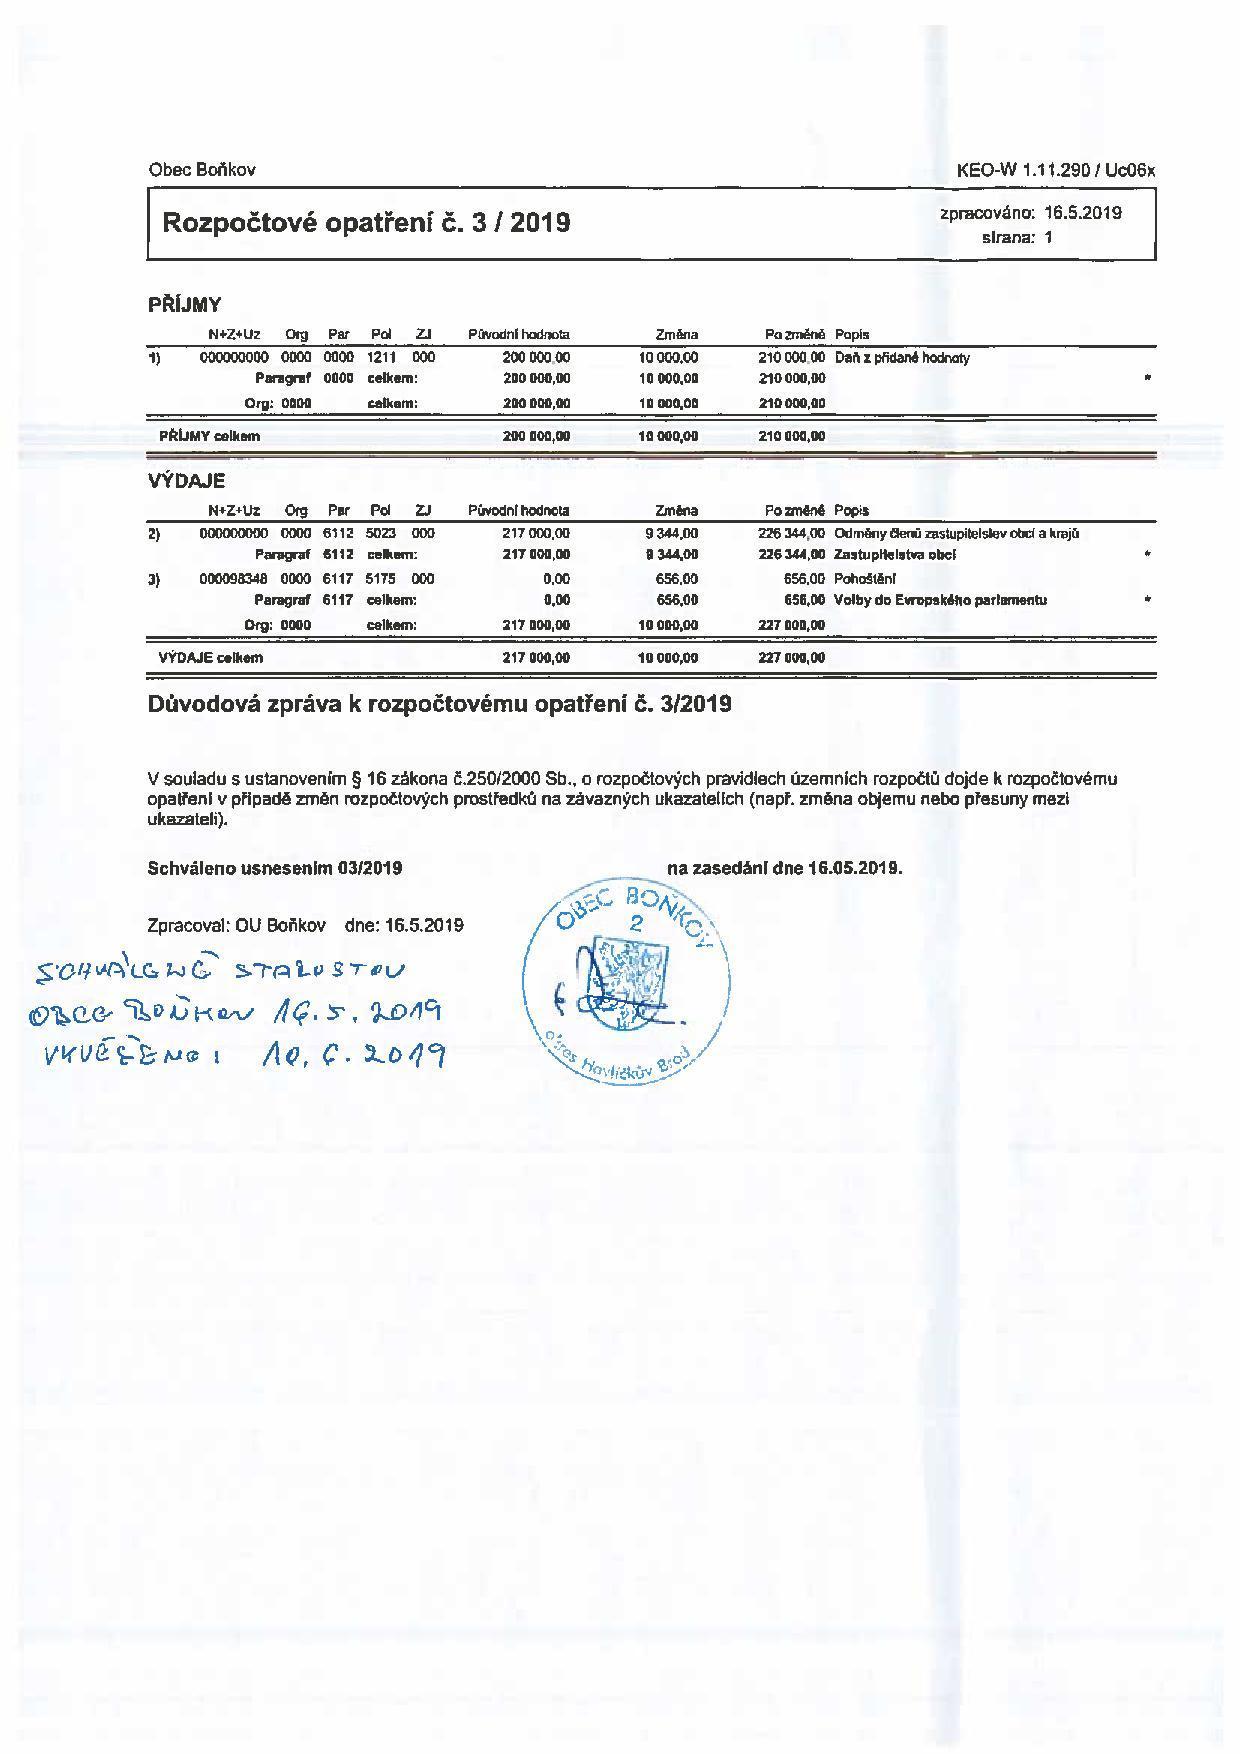 Rozpočtové opatření č.3/2019